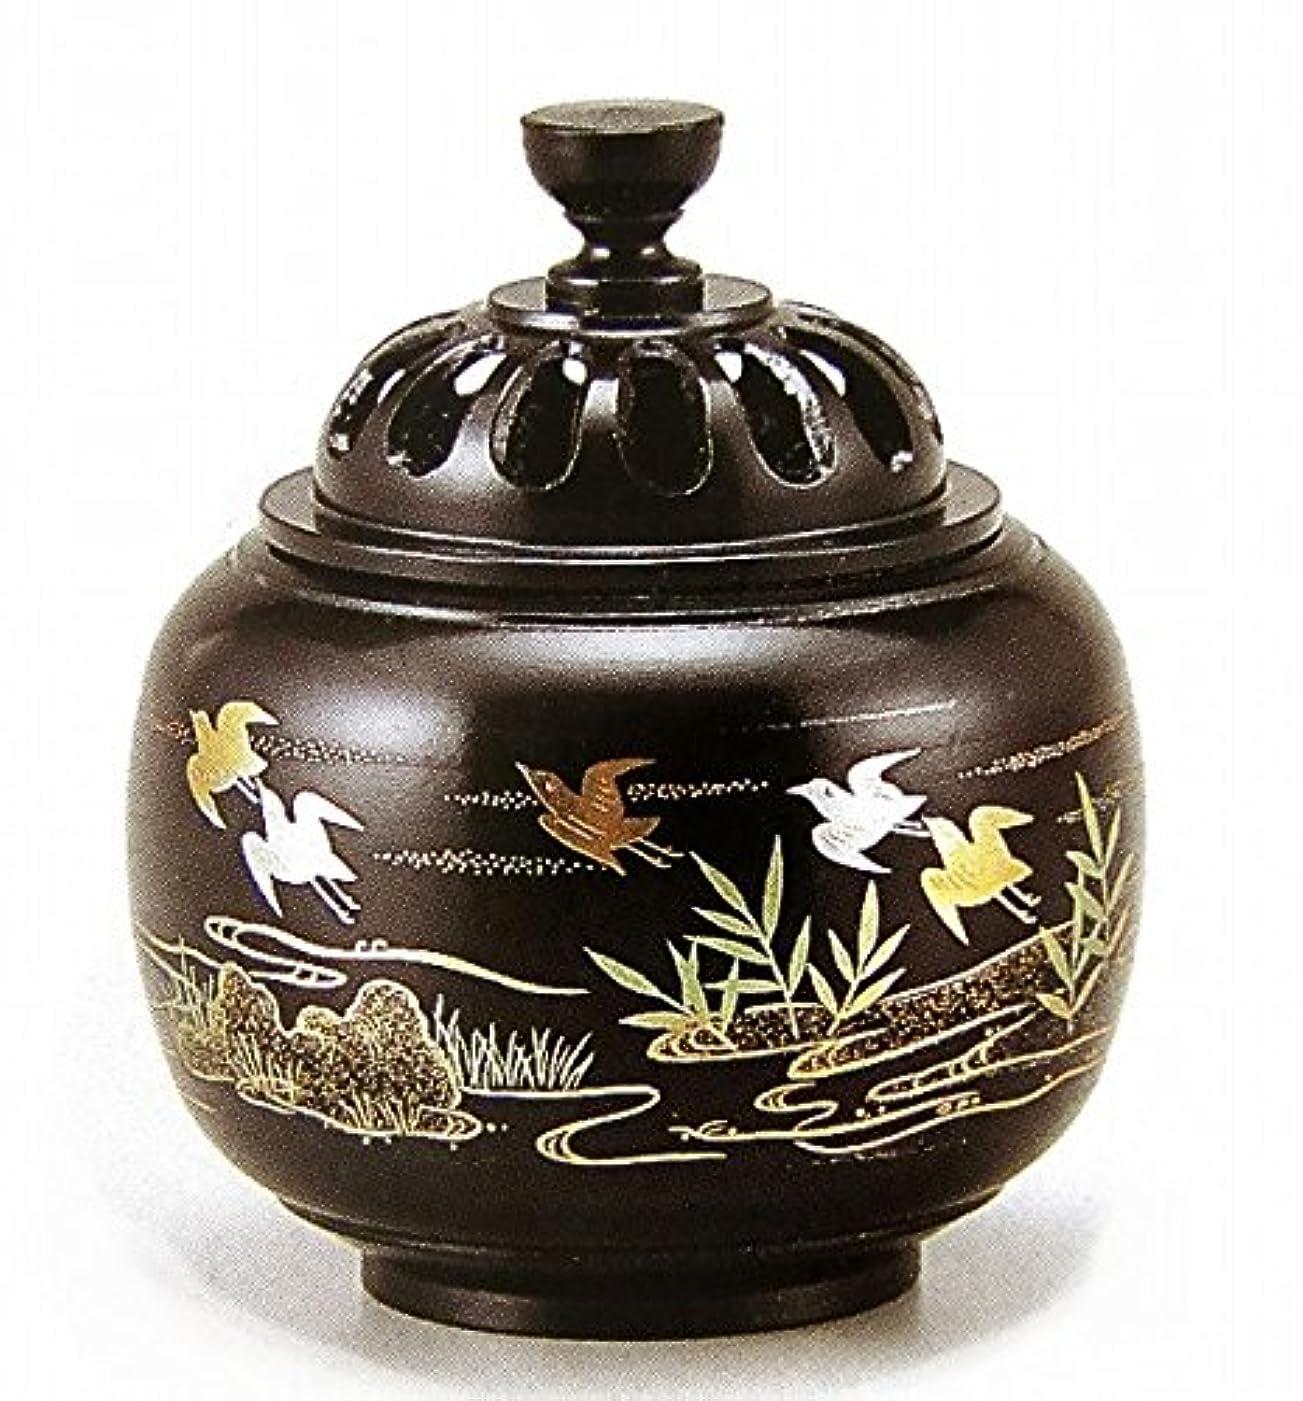 反映するフラッシュのように素早くぬれた『玉胴型香炉?波千鳥蒔絵』銅製